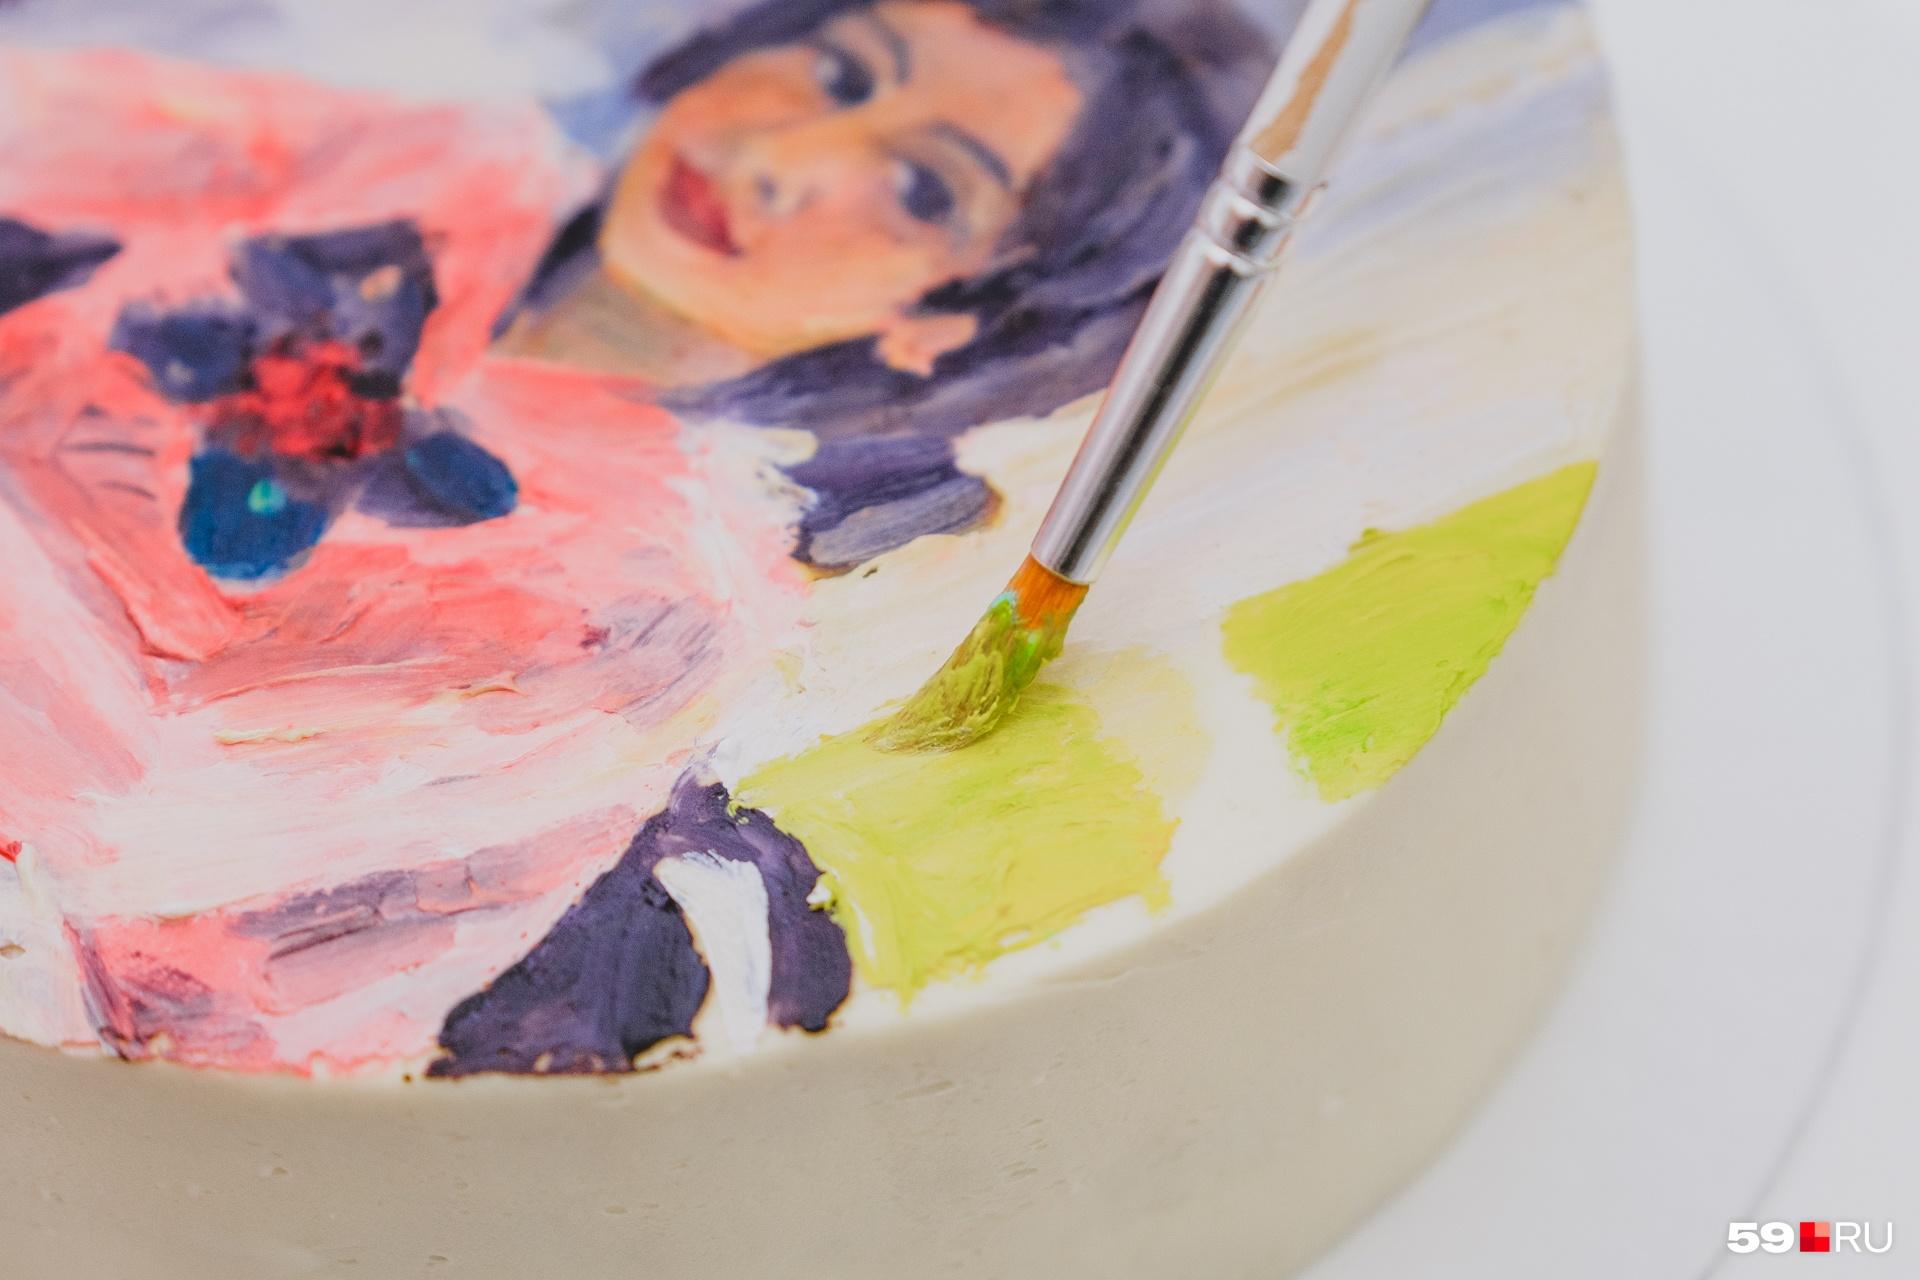 Такой торт у Марианны будет стоить 3-4 тысячи рублей. Каждый килограмм стоит 2500 рублей